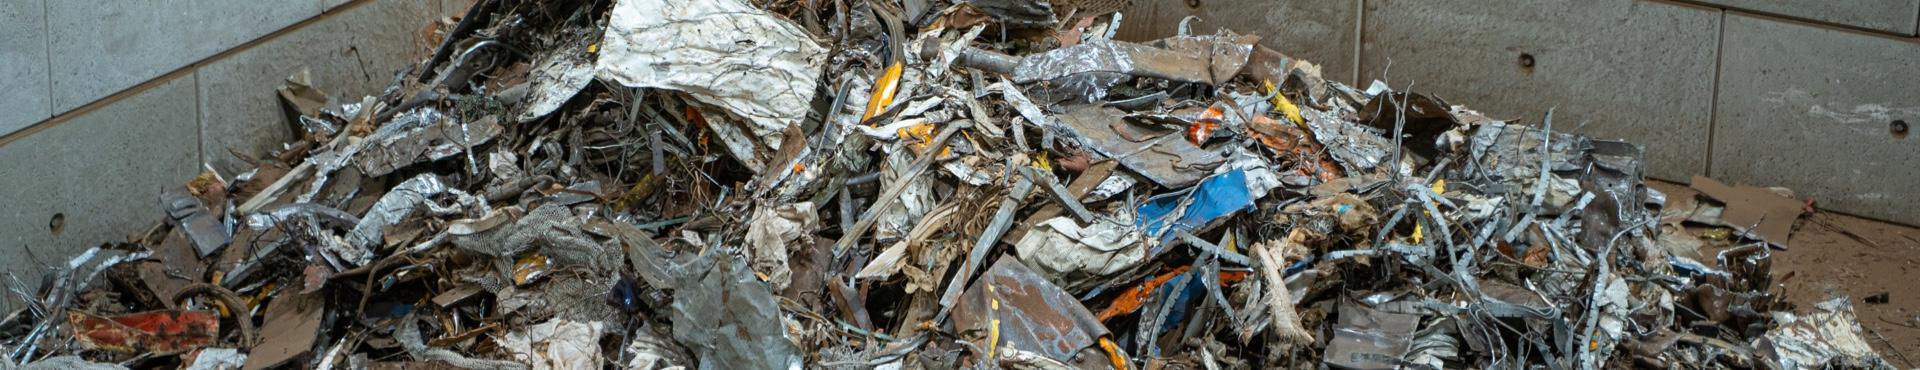 Verschmutzter Stahlschrott